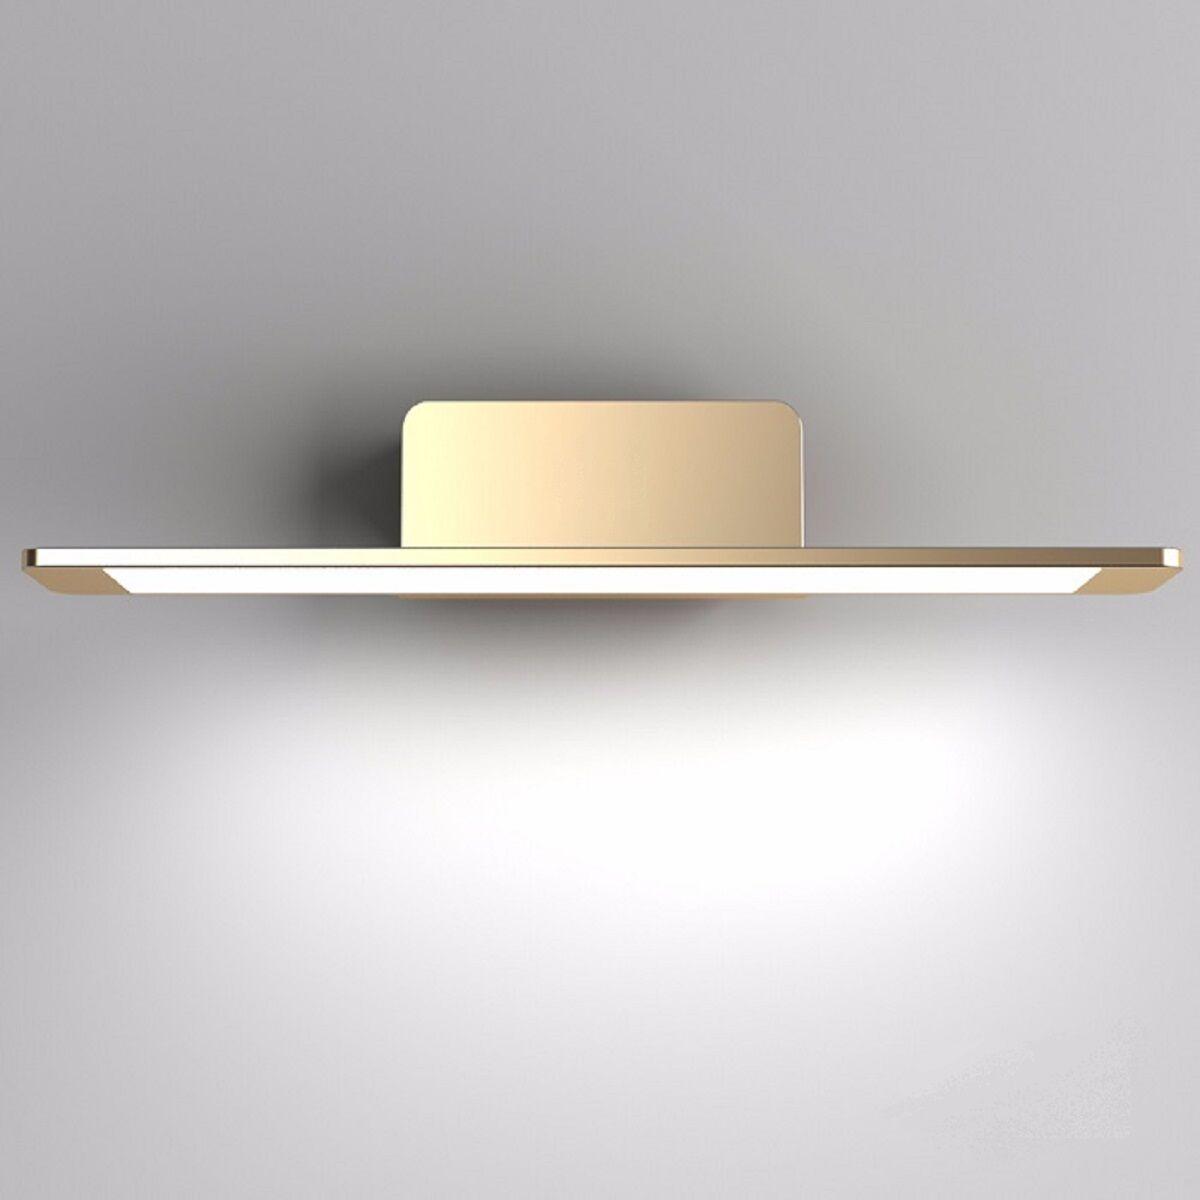 ArteLuna® LED LED LED Wandleuchte SPY bronzeGold Aluminium neutralweiß 10W 230127 EEK A   Förderung  a61e21